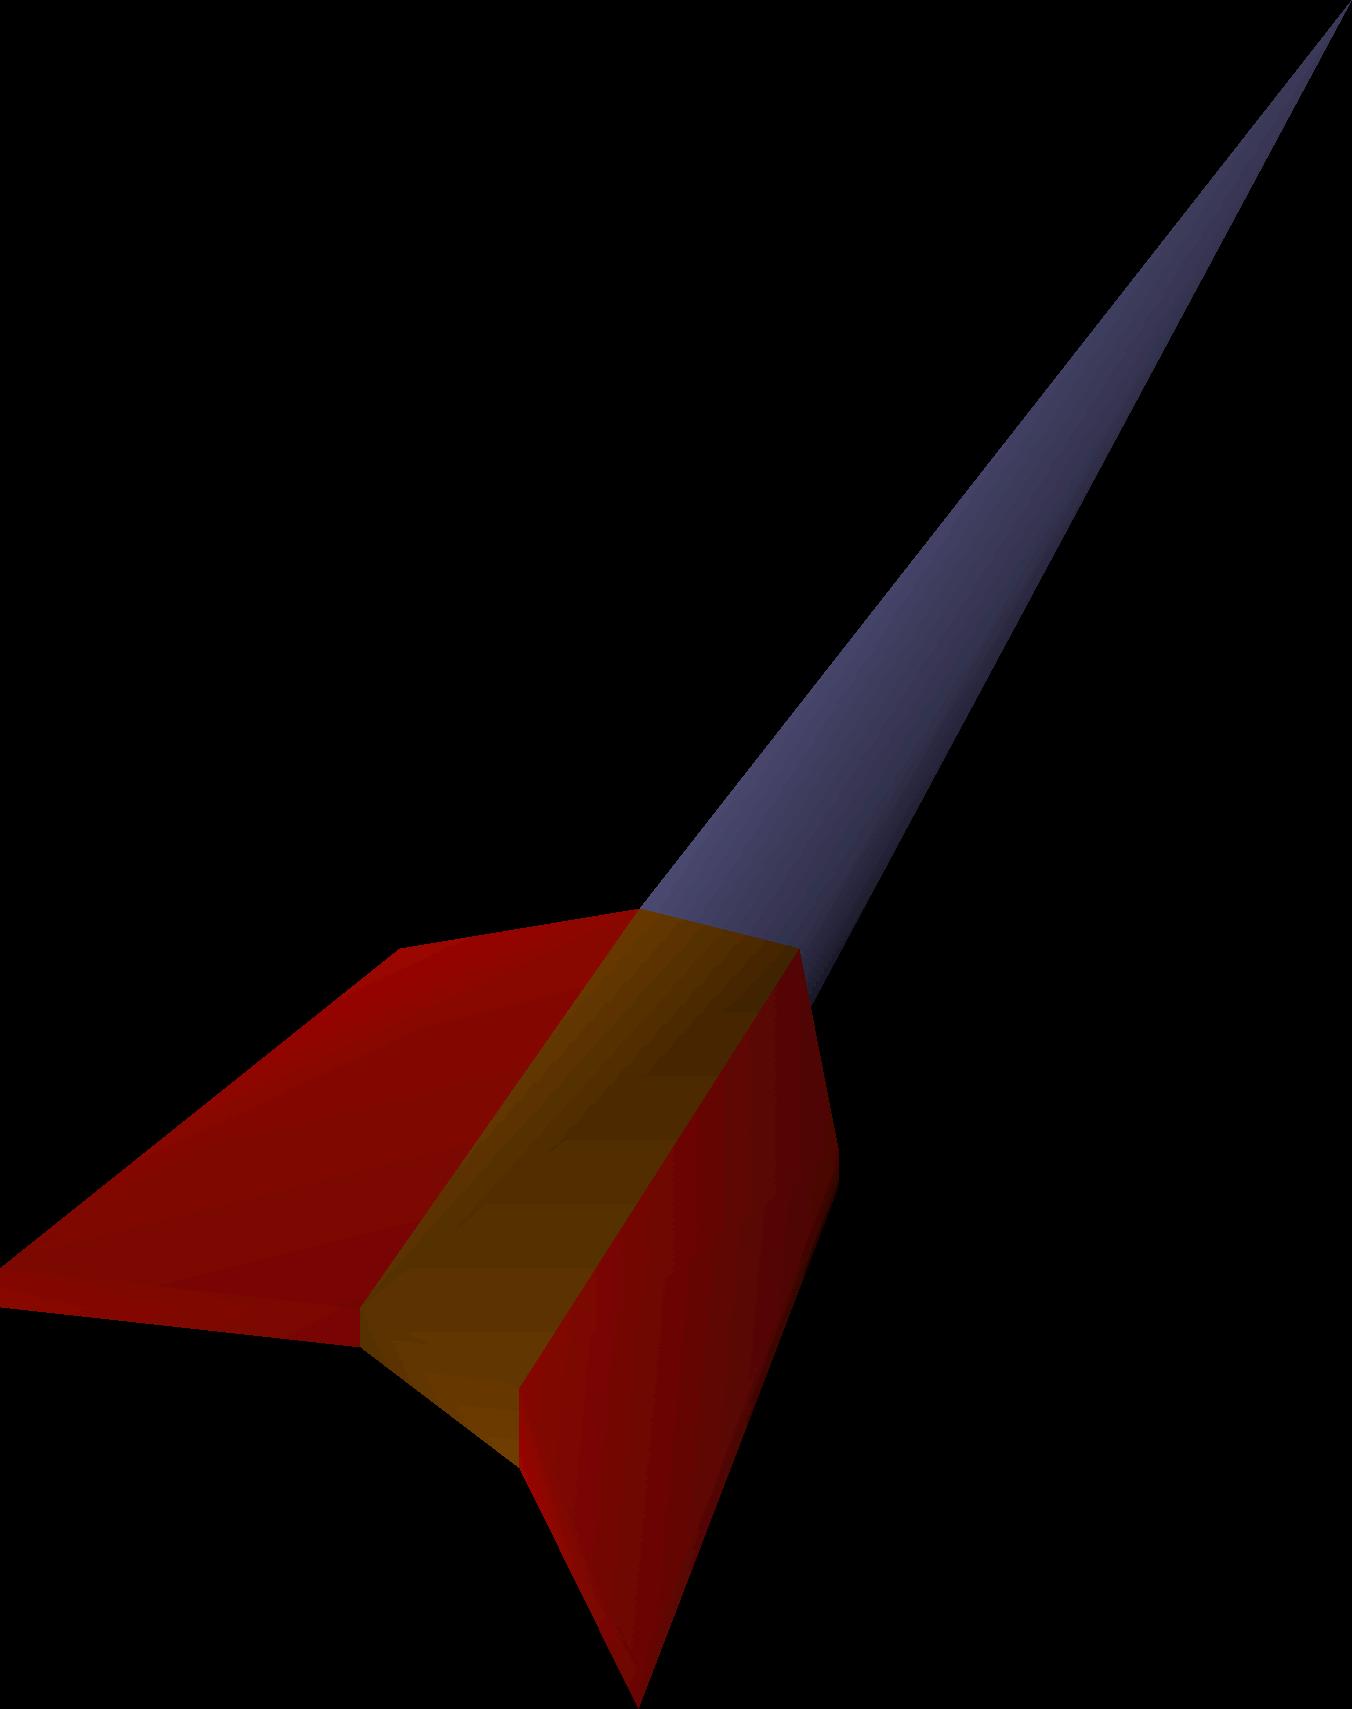 Mithril dart detail